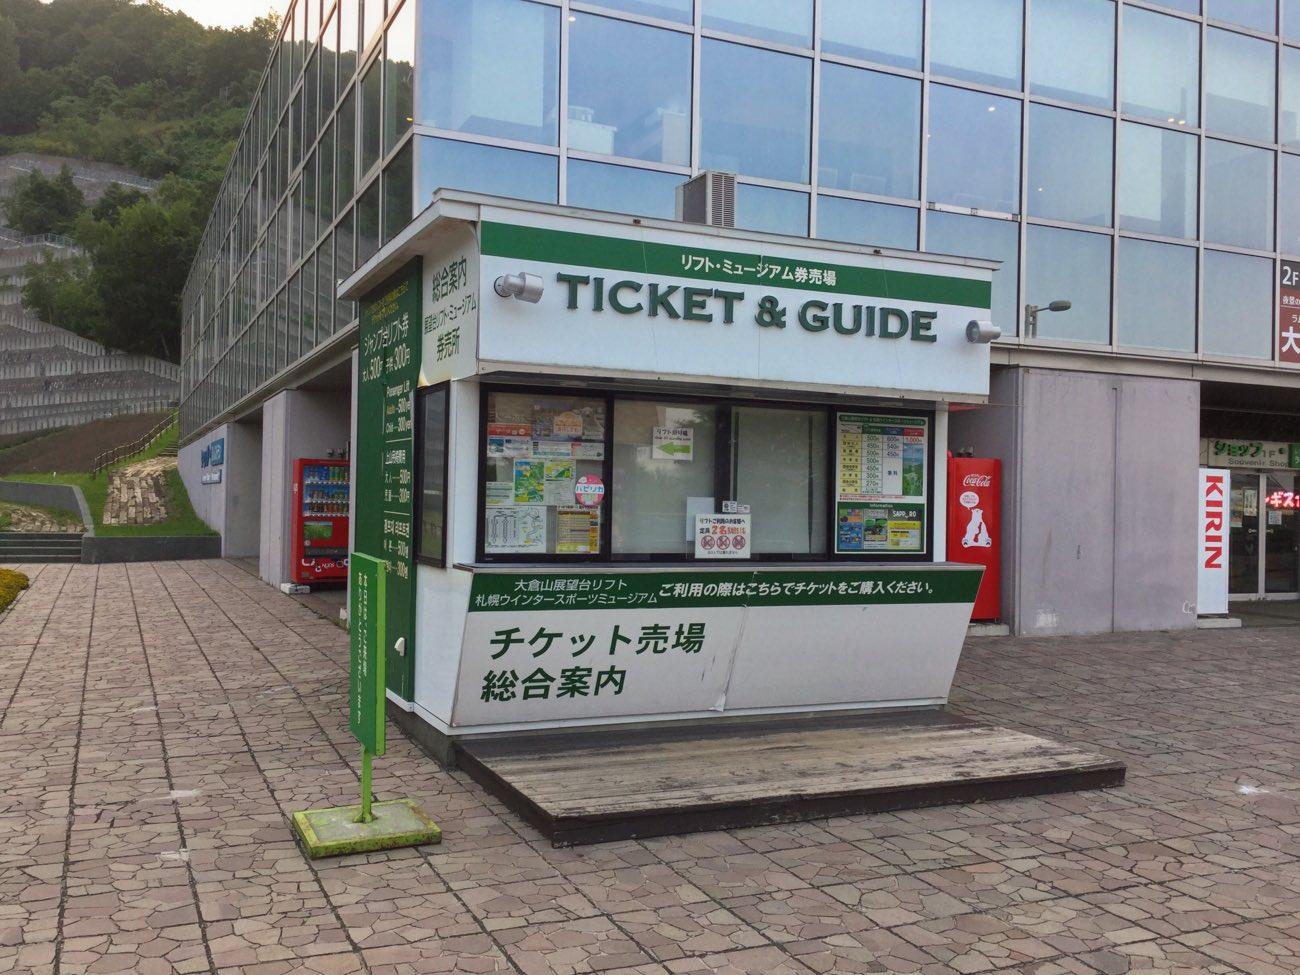 チケットはここで購入